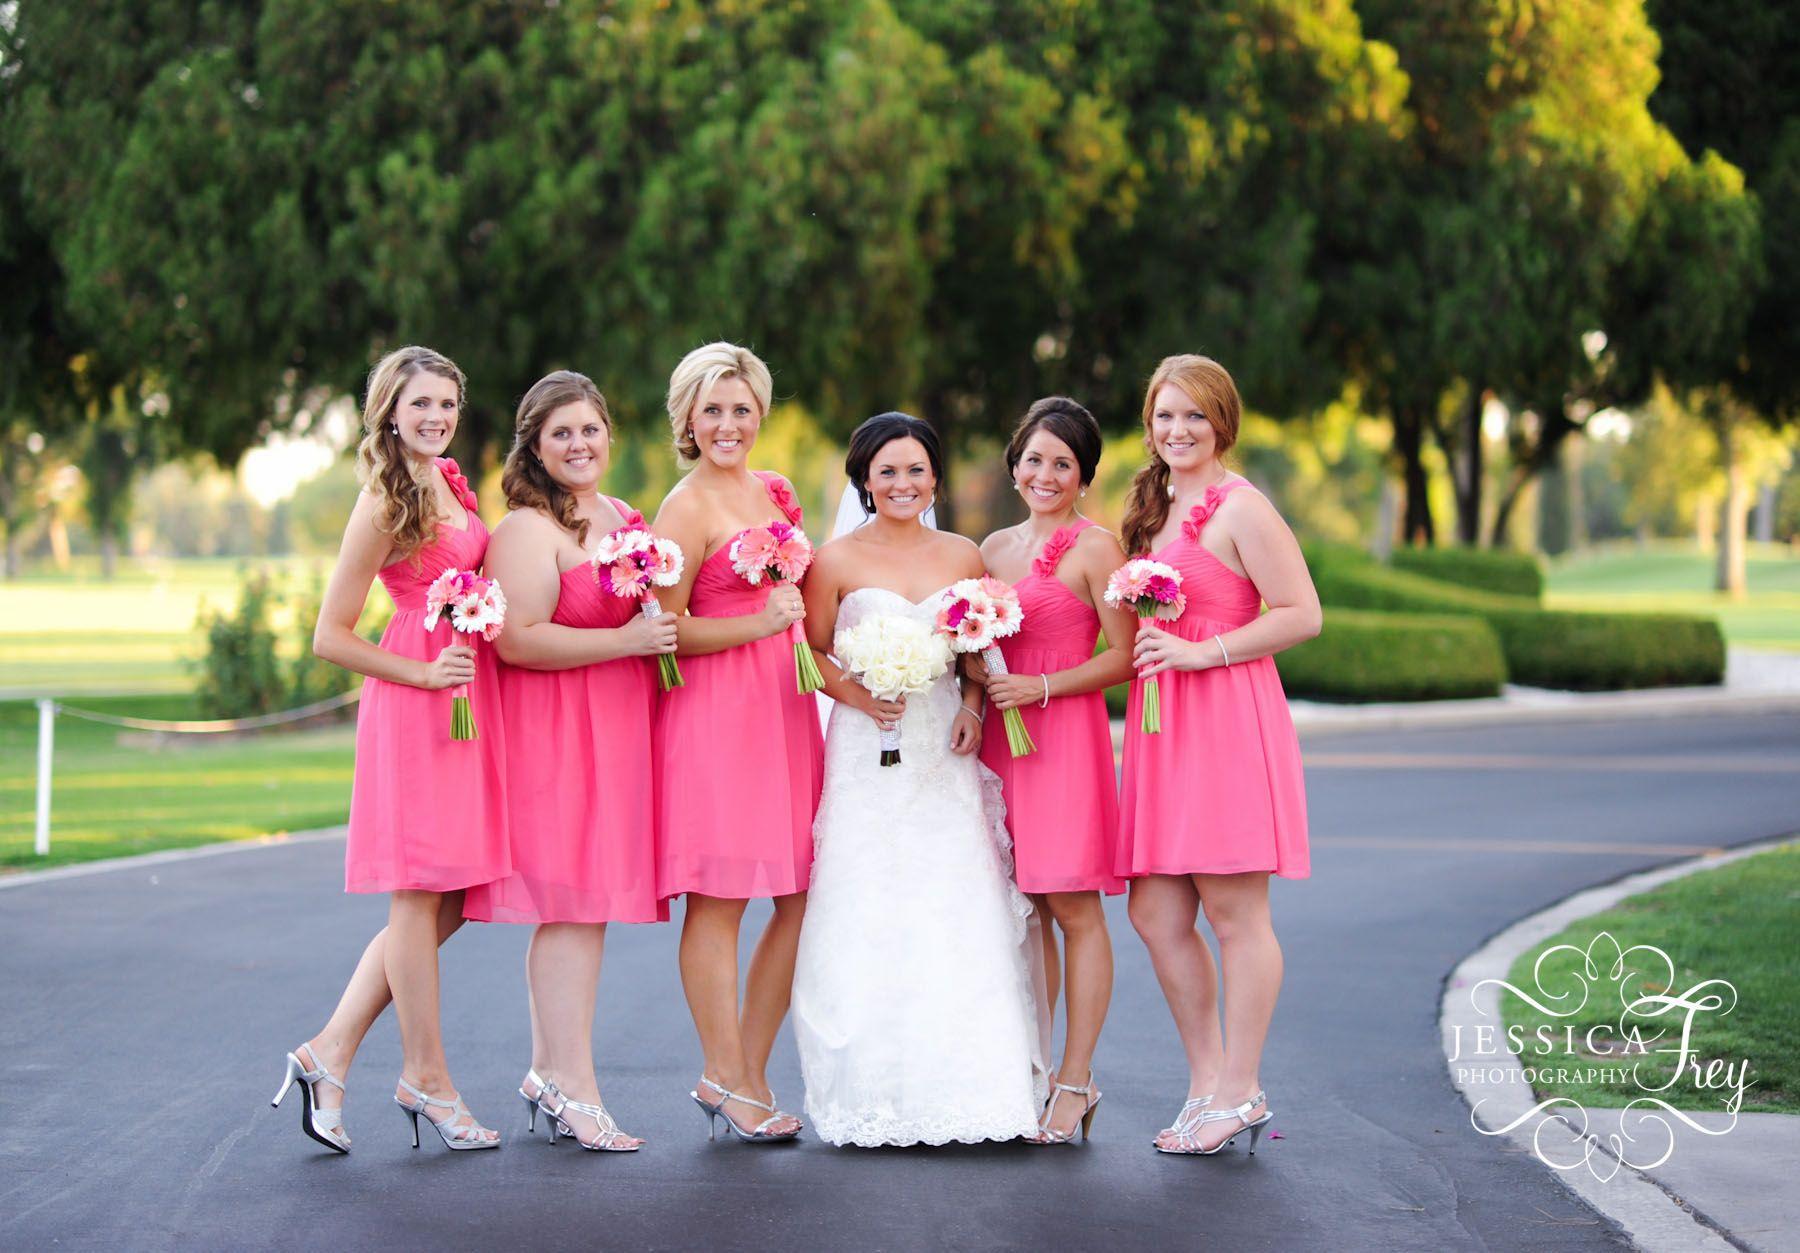 Wedding wednesday bridesmaid dress ideas jessica frey wedding wedding wednesday bridesmaid dress ideas jessica frey wedding ombrellifo Images